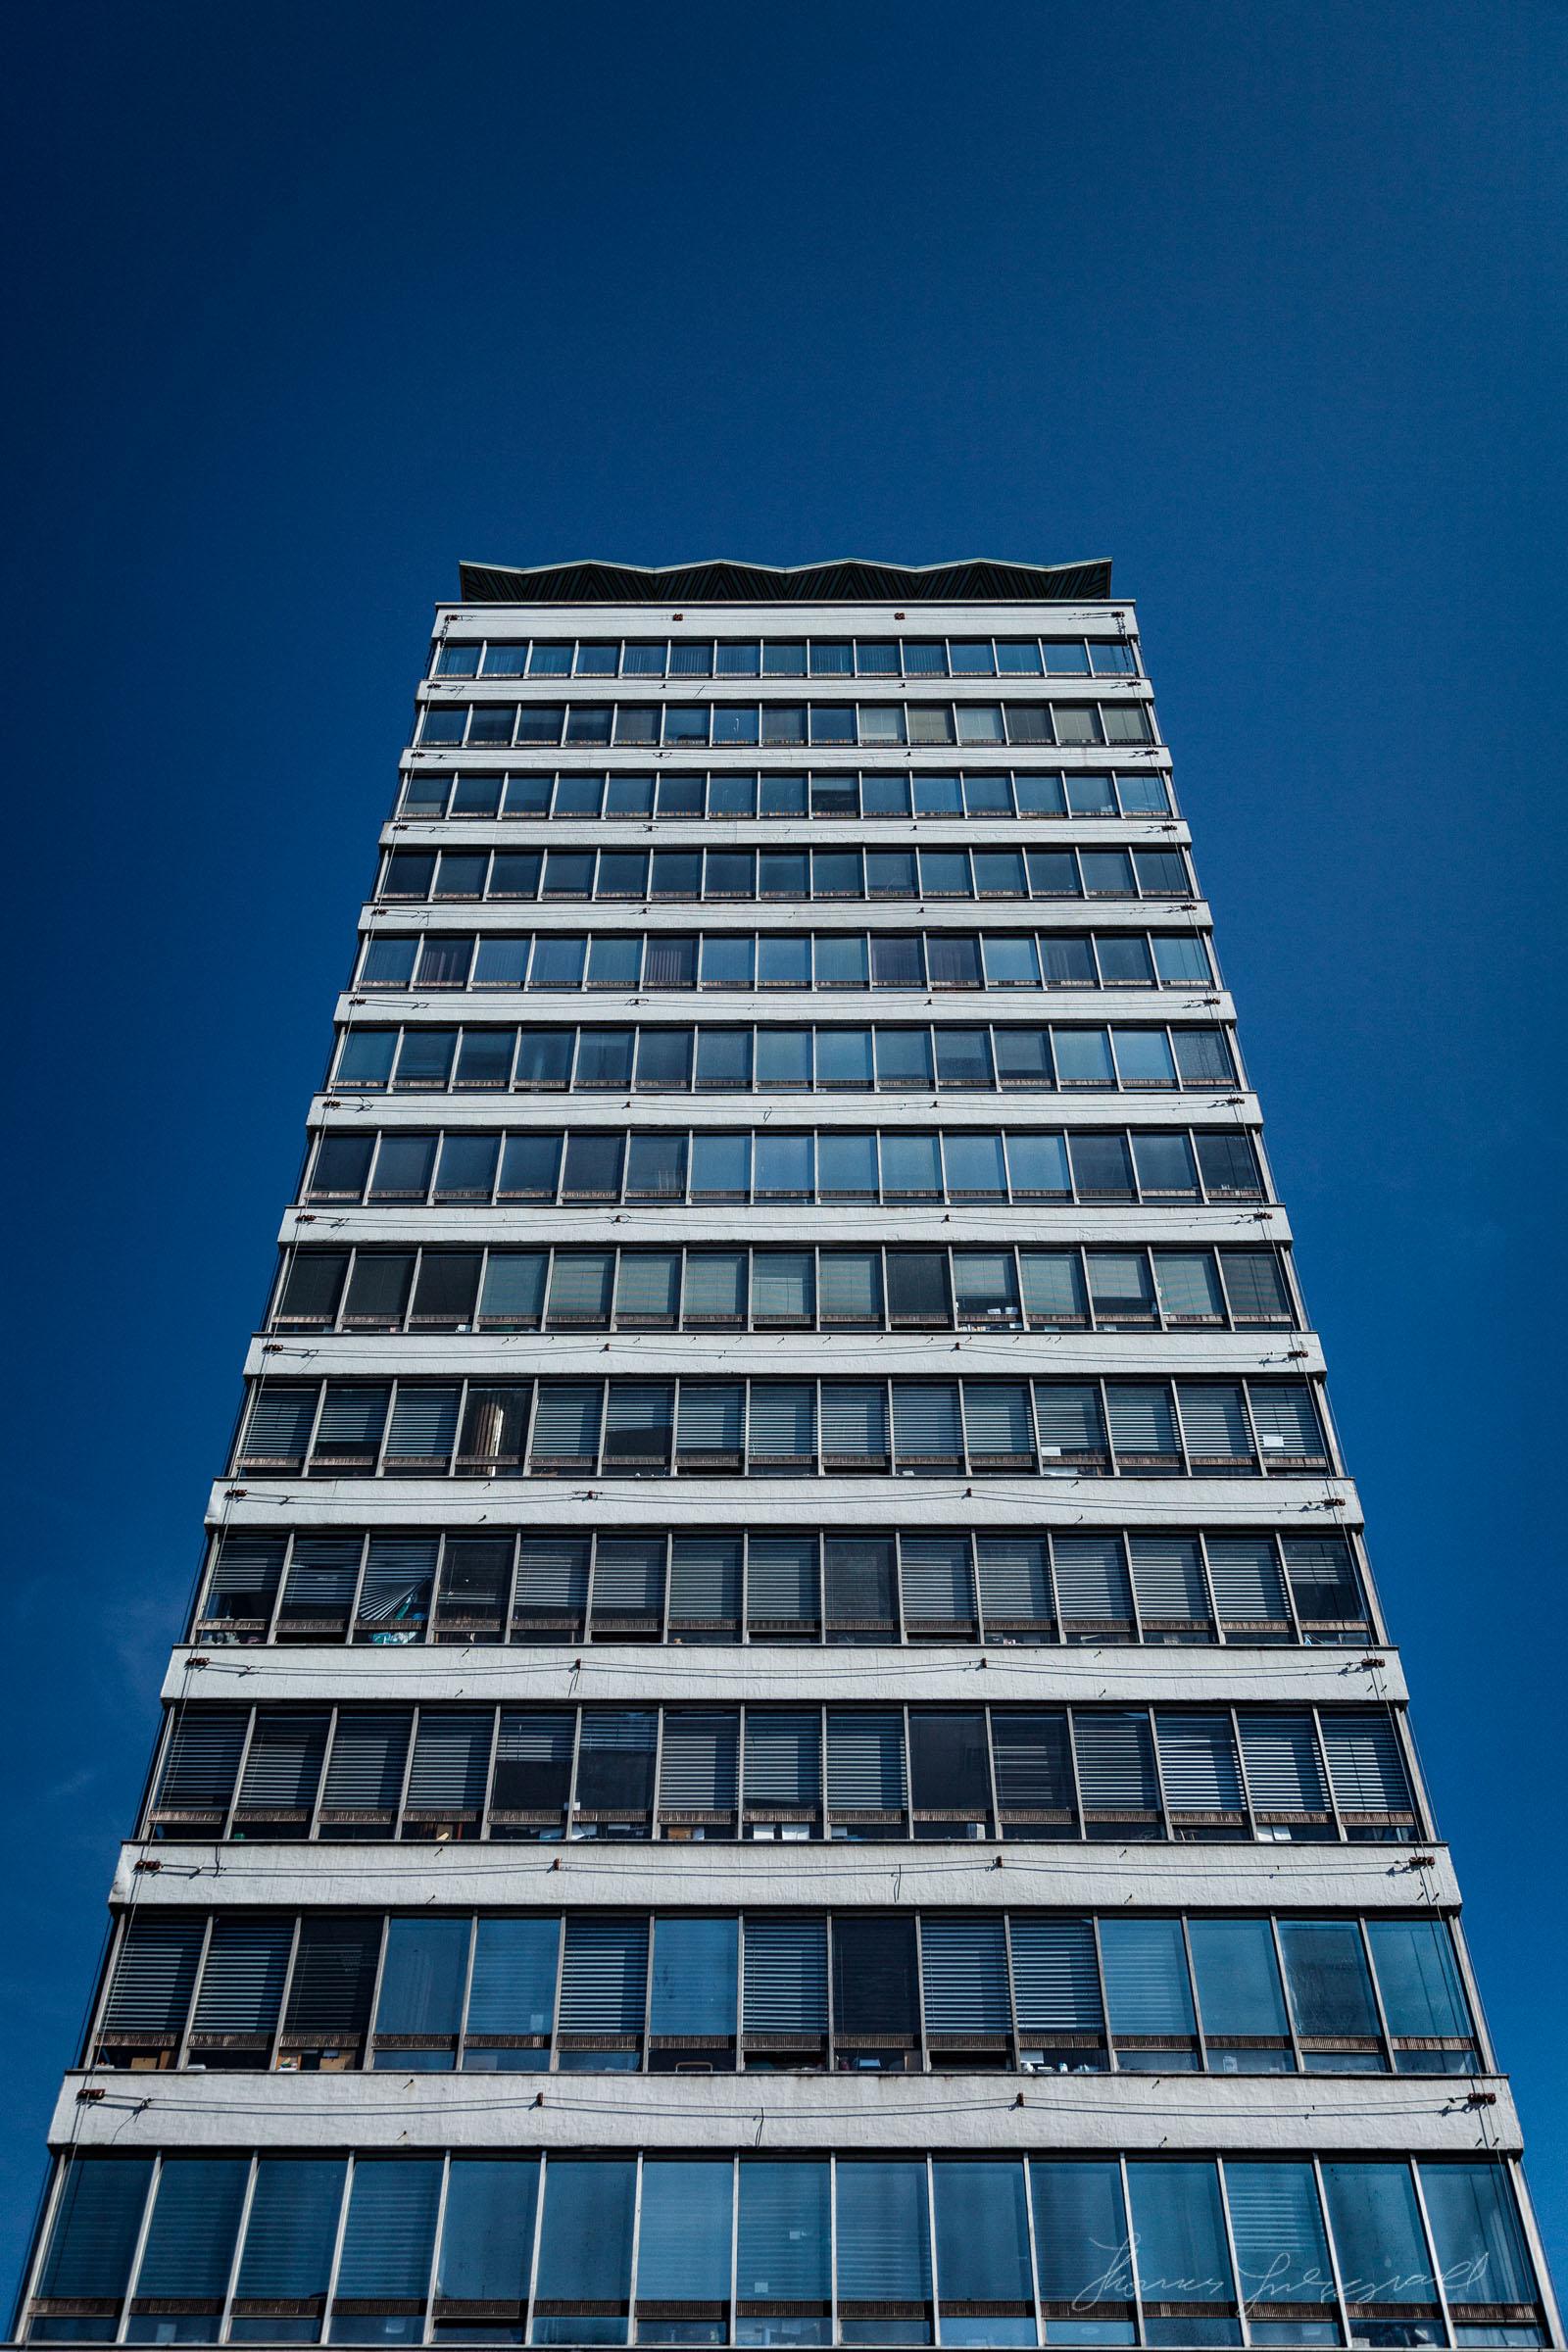 Liberty hall against a clear blue sky